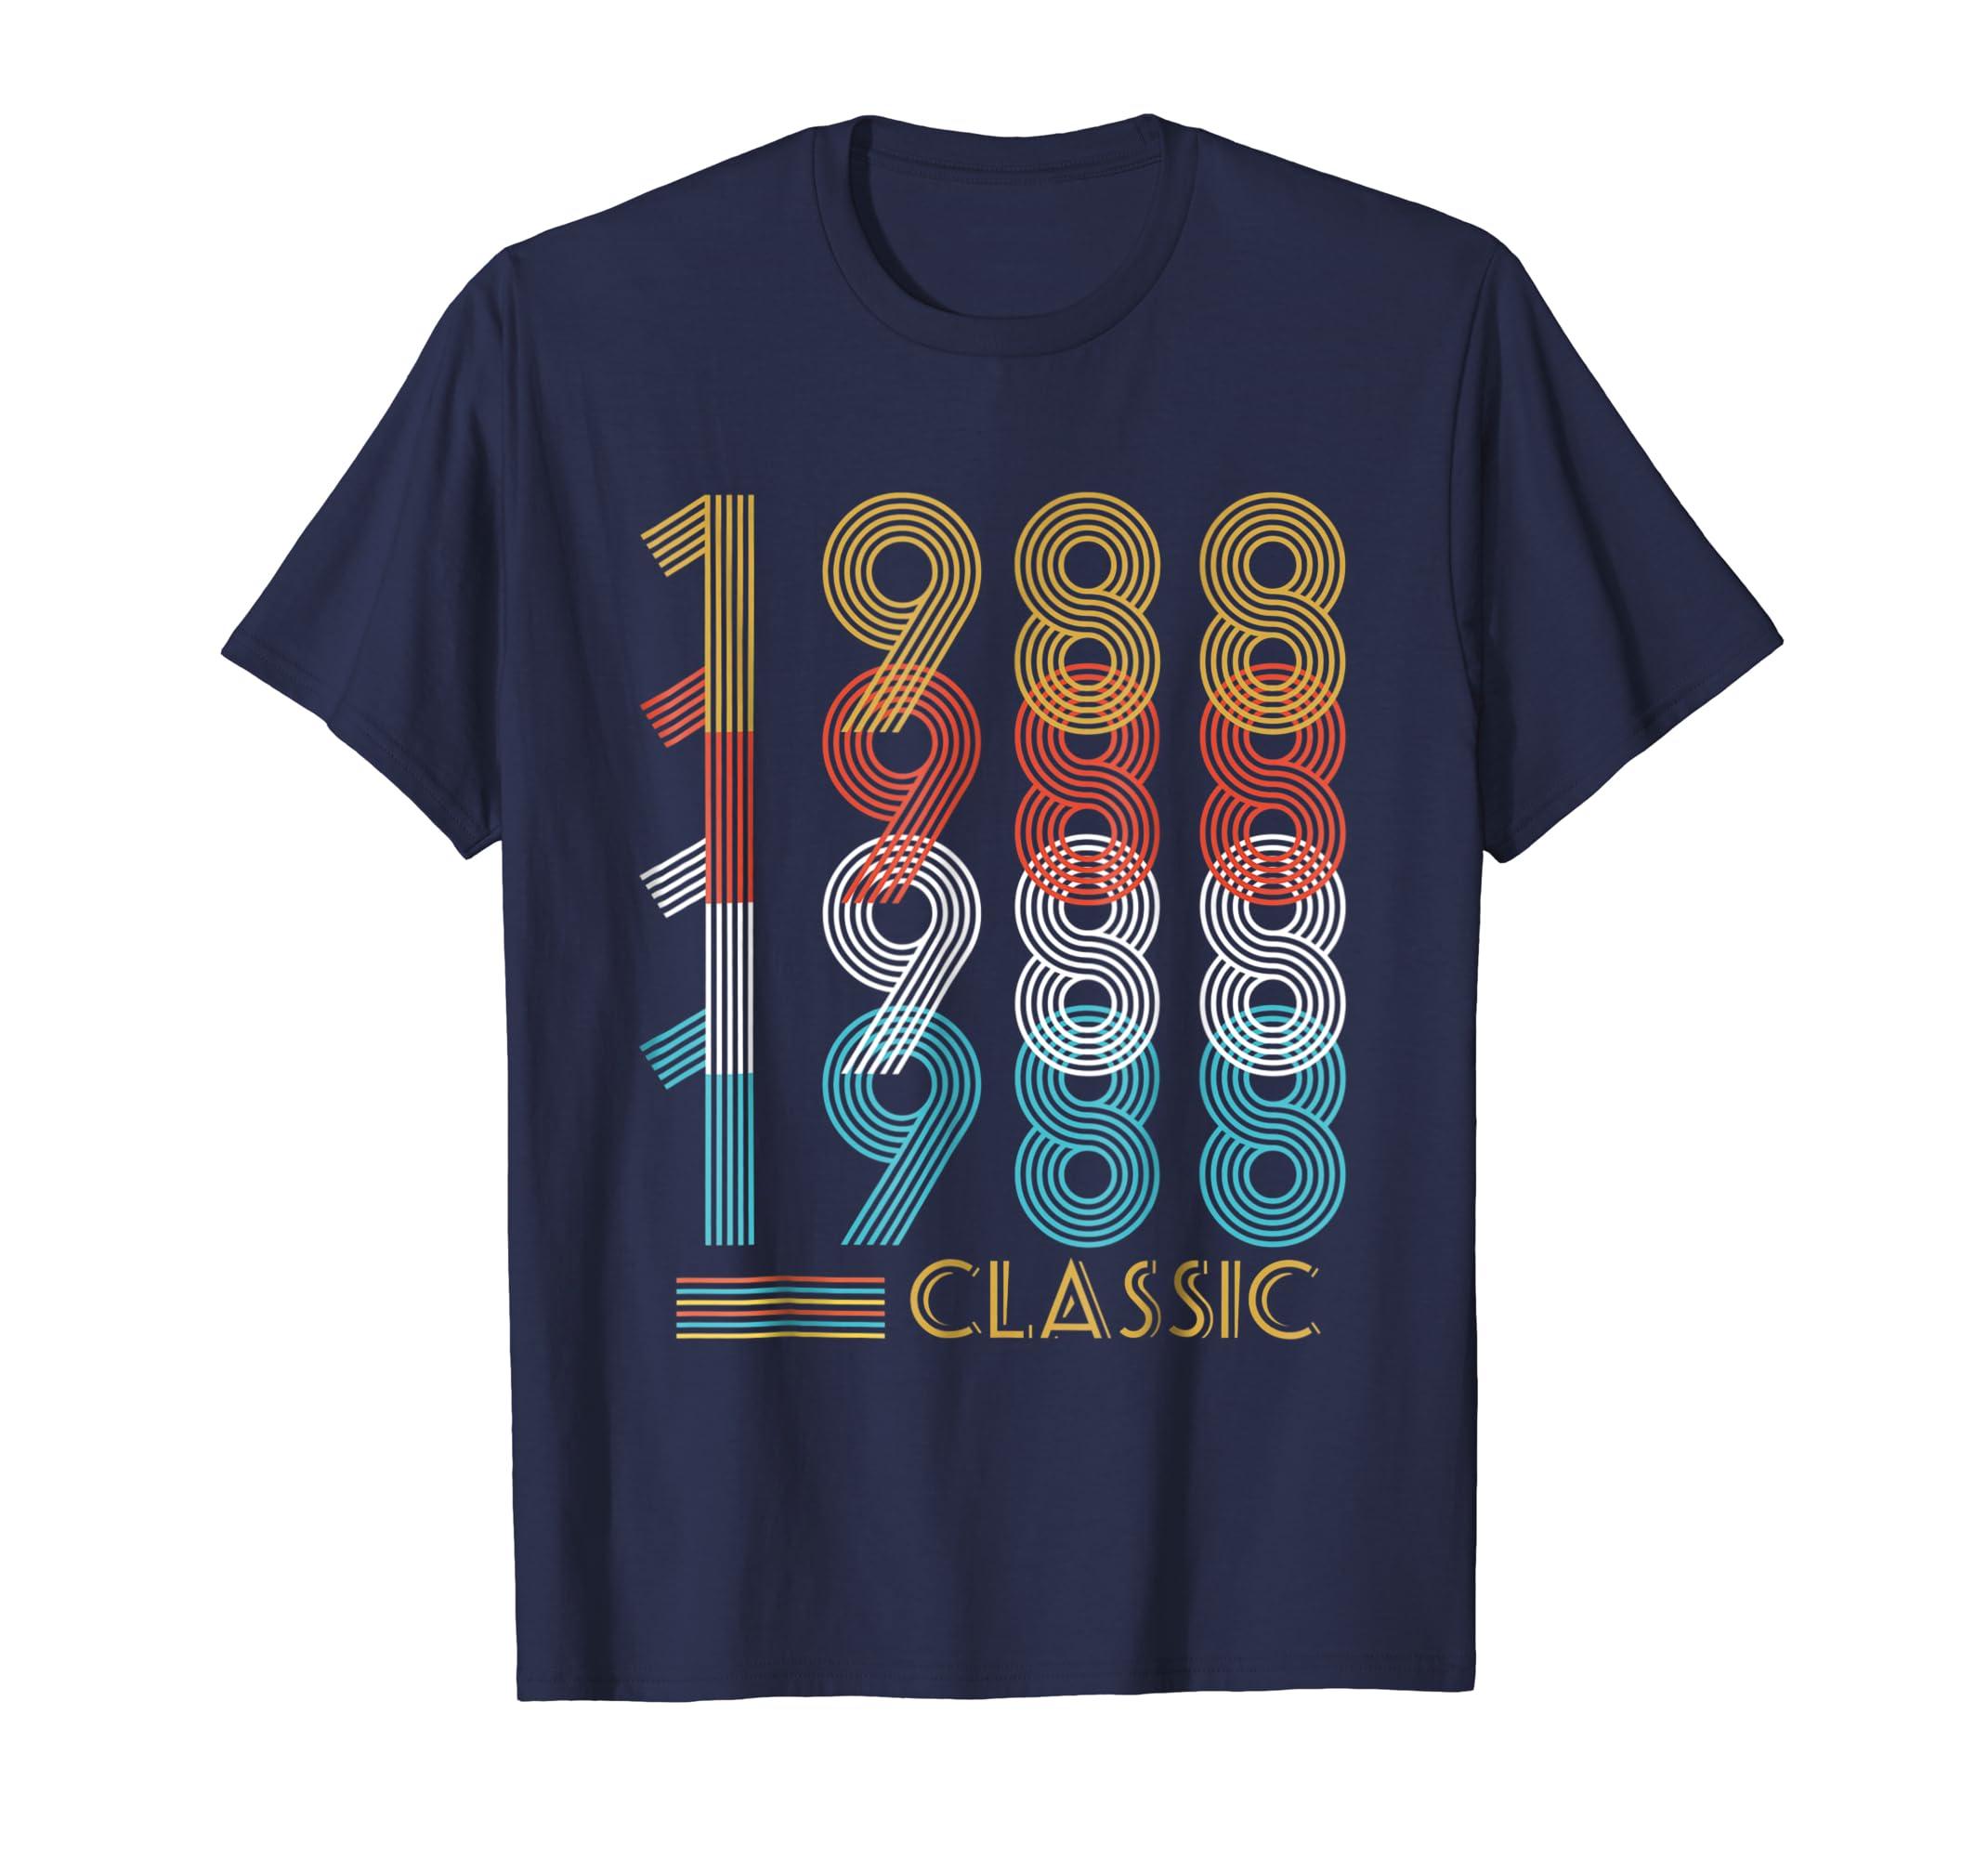 30th Birthday Gift Vintage 1988 T-Shirt For Men Women-AZP